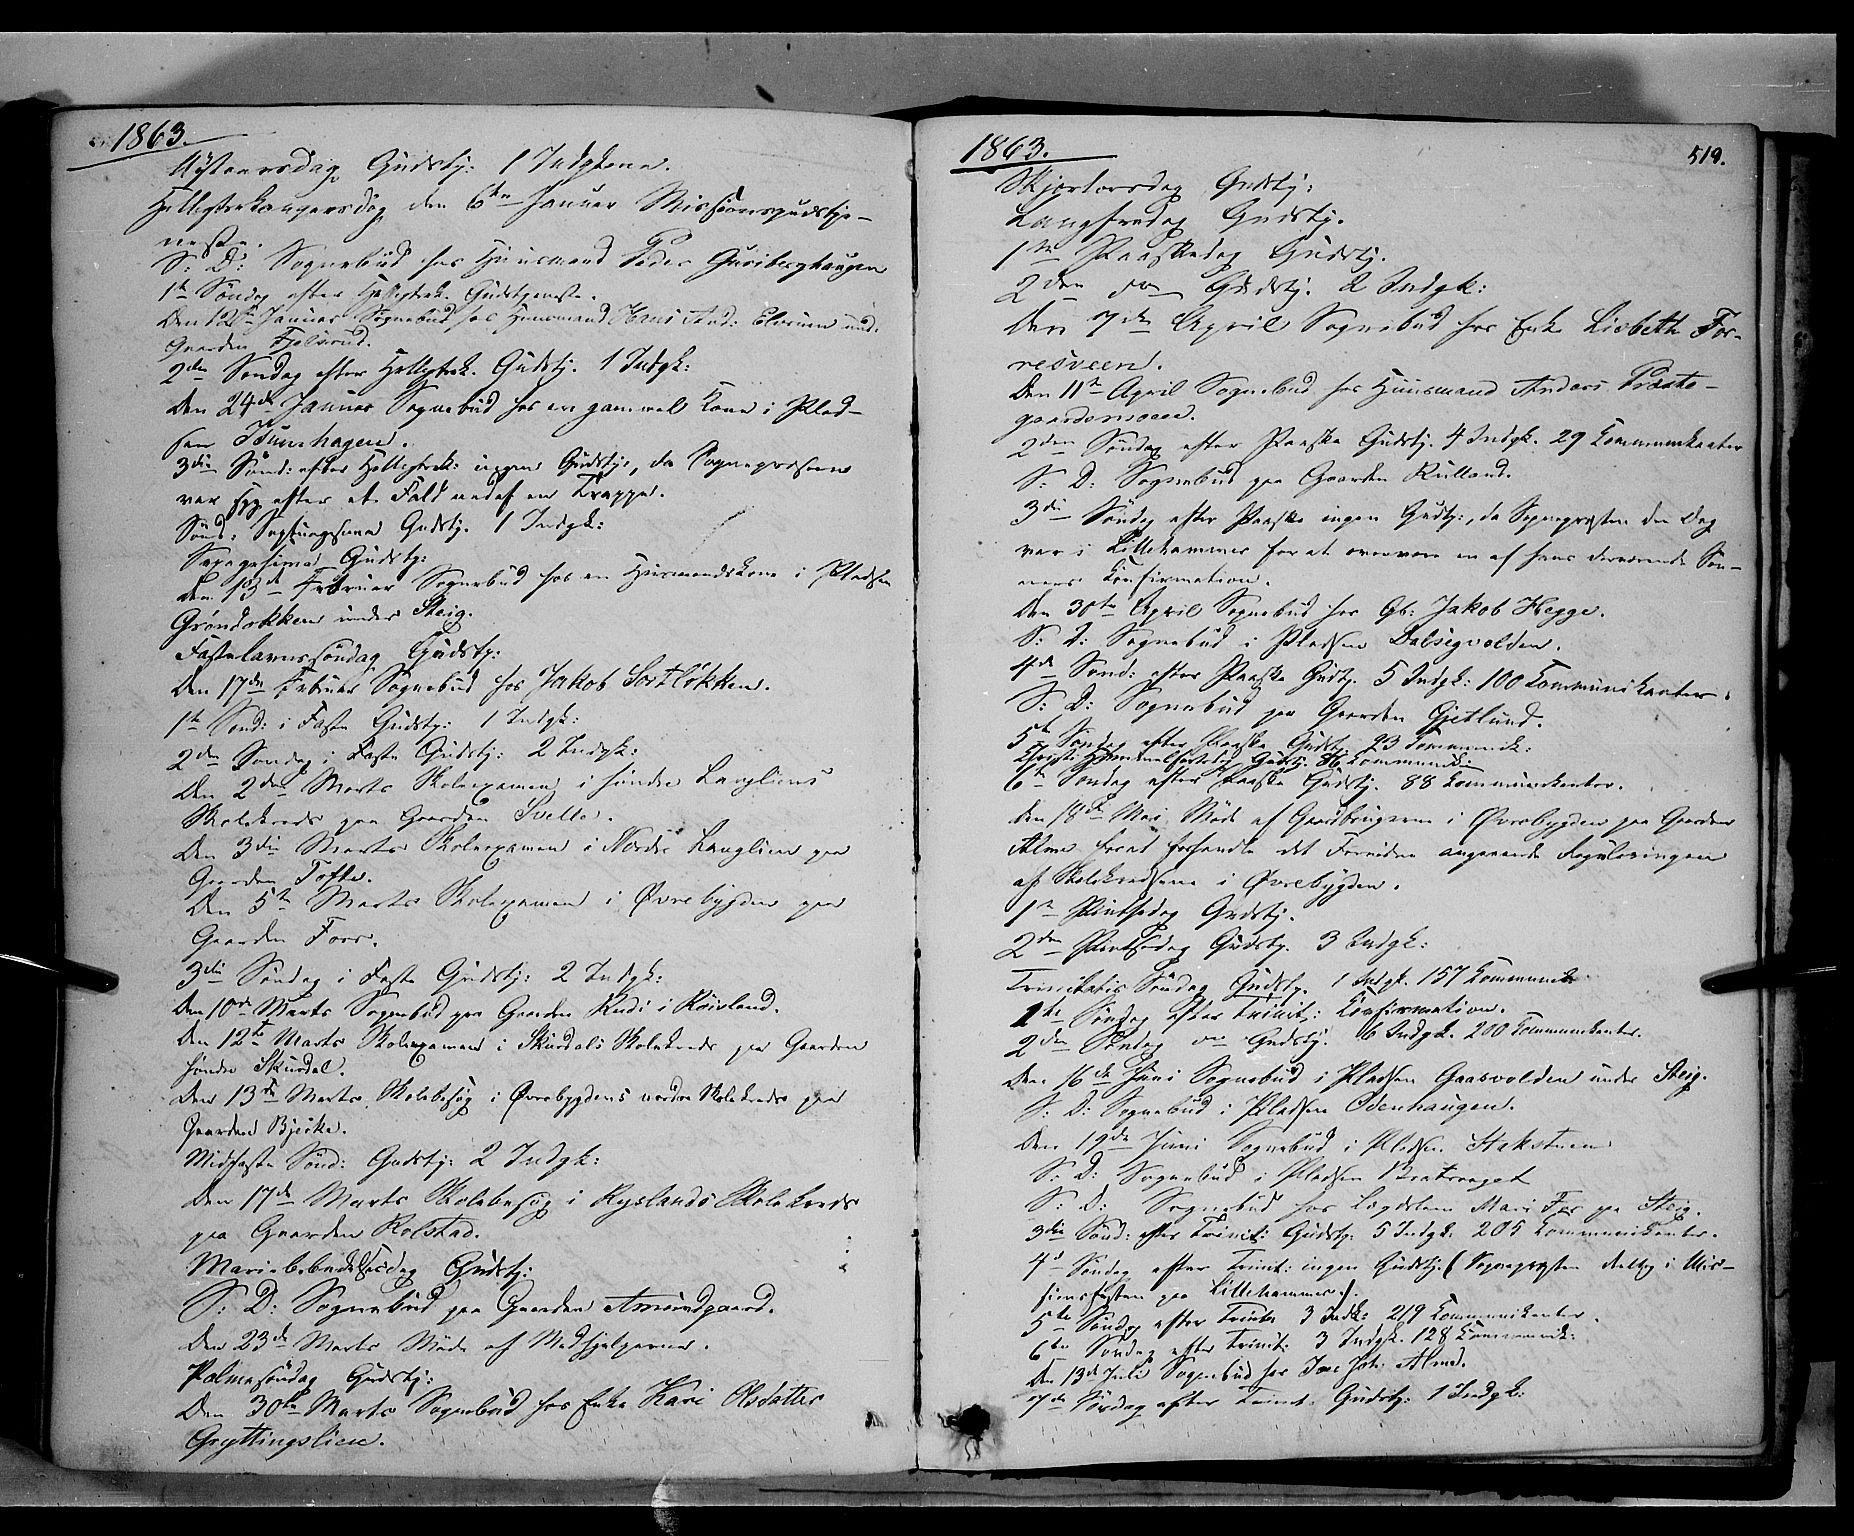 SAH, Sør-Fron prestekontor, H/Ha/Haa/L0001: Ministerialbok nr. 1, 1849-1863, s. 519